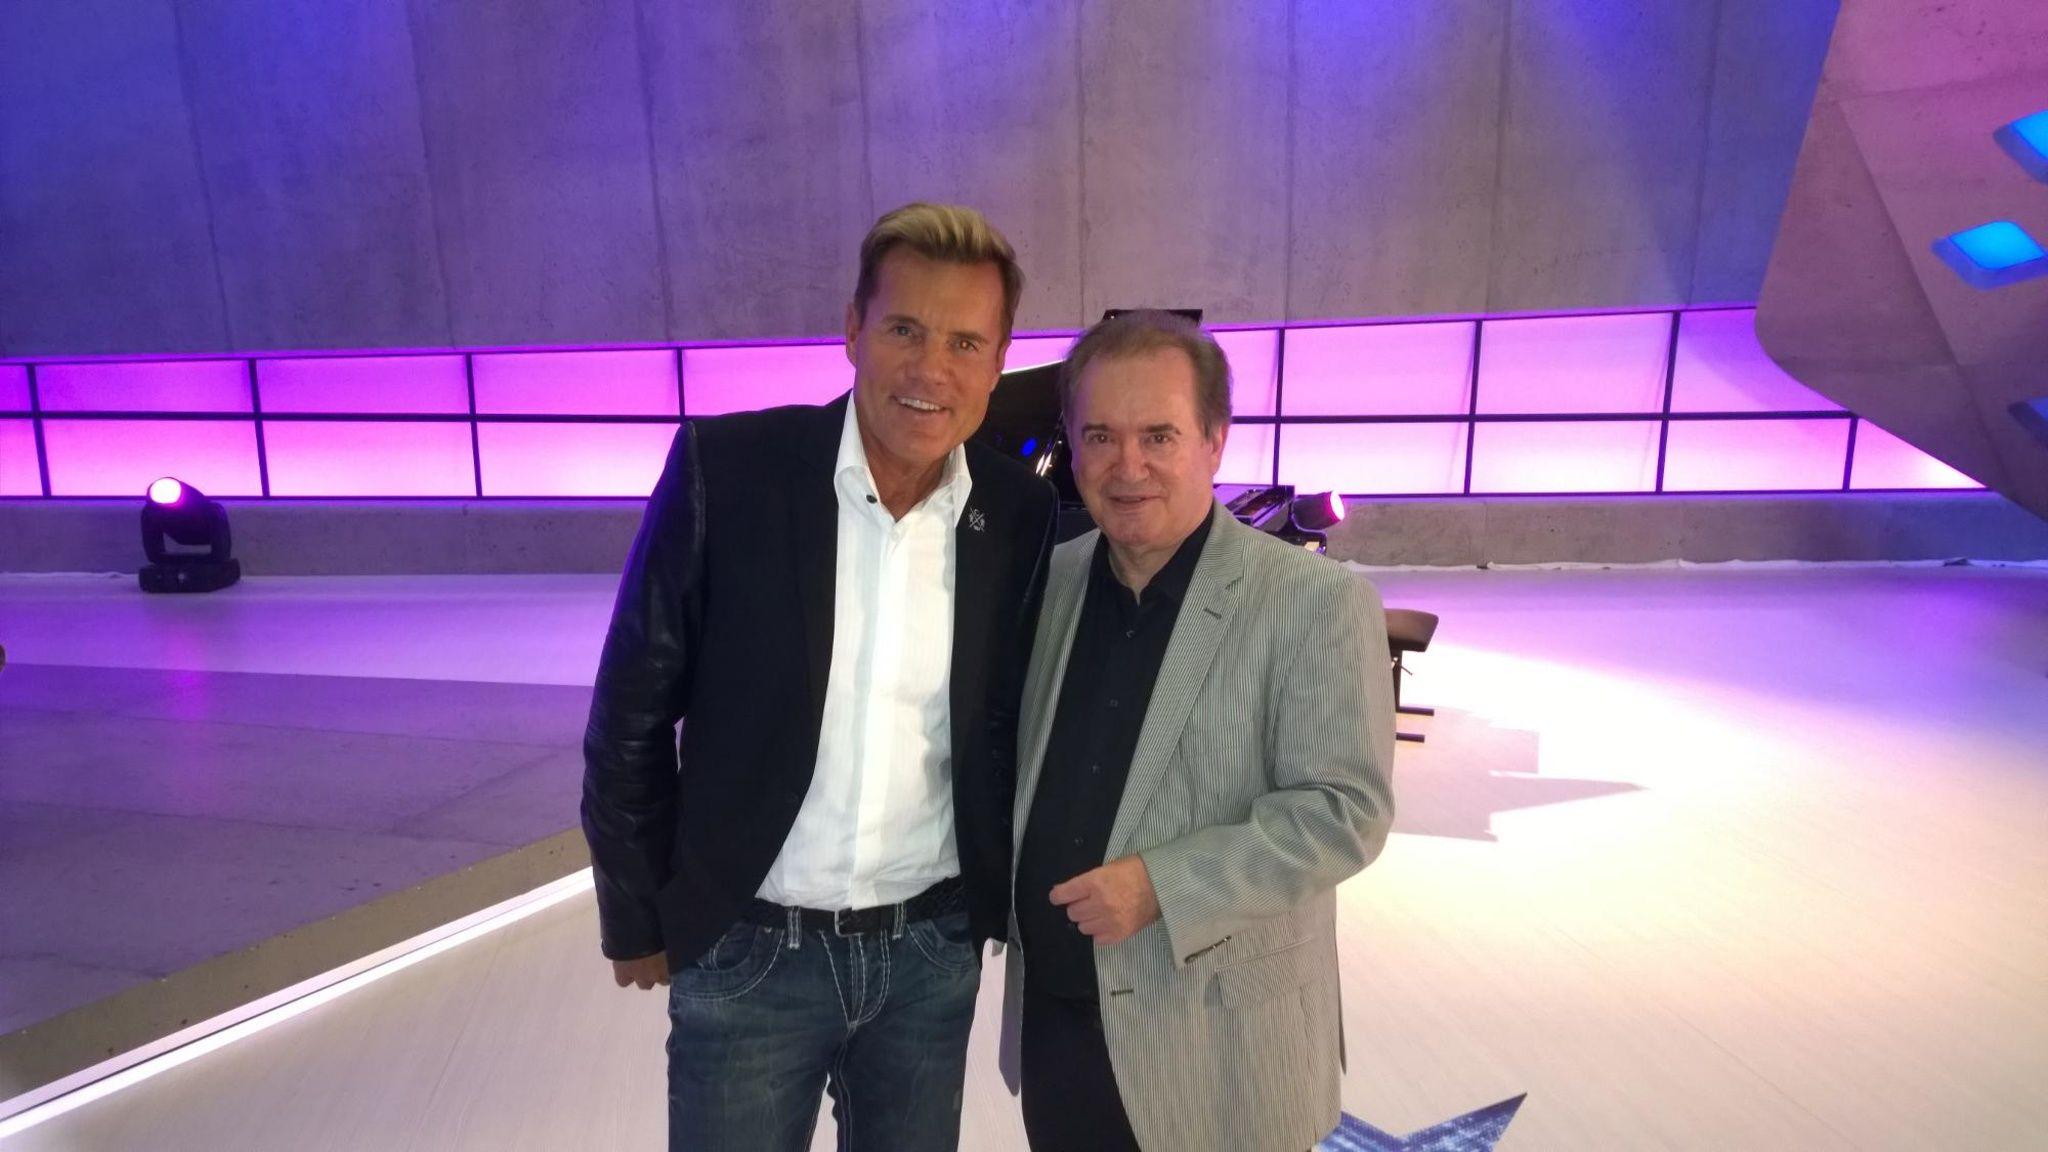 Maxi Media Wurdigt Dieter Bohlen Dieter Bohlen Bohlen Medien